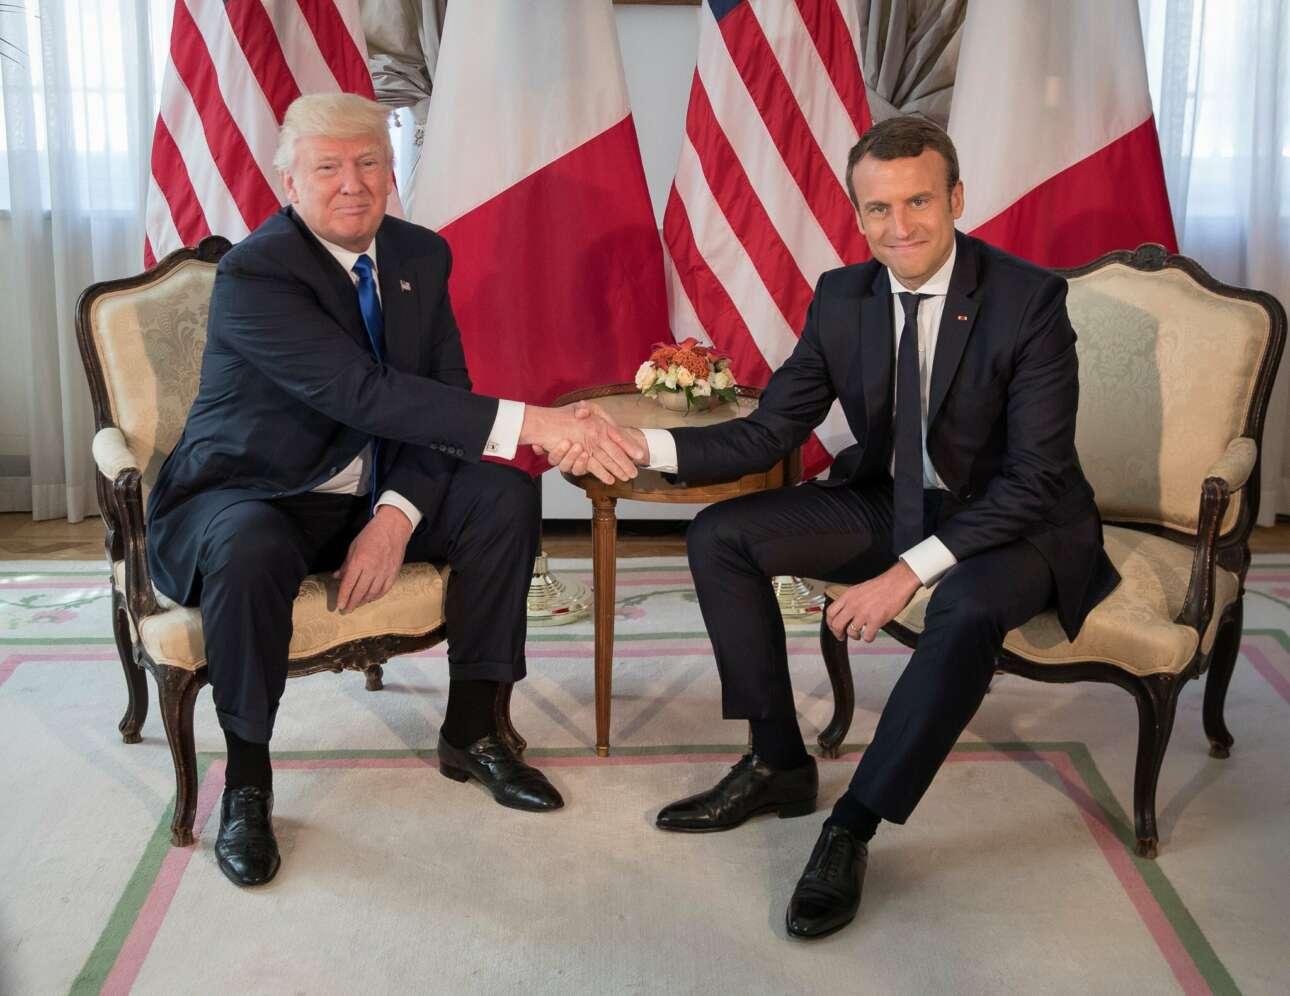 Μάιος 2017. Στην πρεμιέρα του Εμανουέλ Μακρόν στο διεθνές στερέωμα ως προέδρου της Γαλλίας, ο Τραμπ αντιλαμβάνεται τι σημαίνει χειραψία